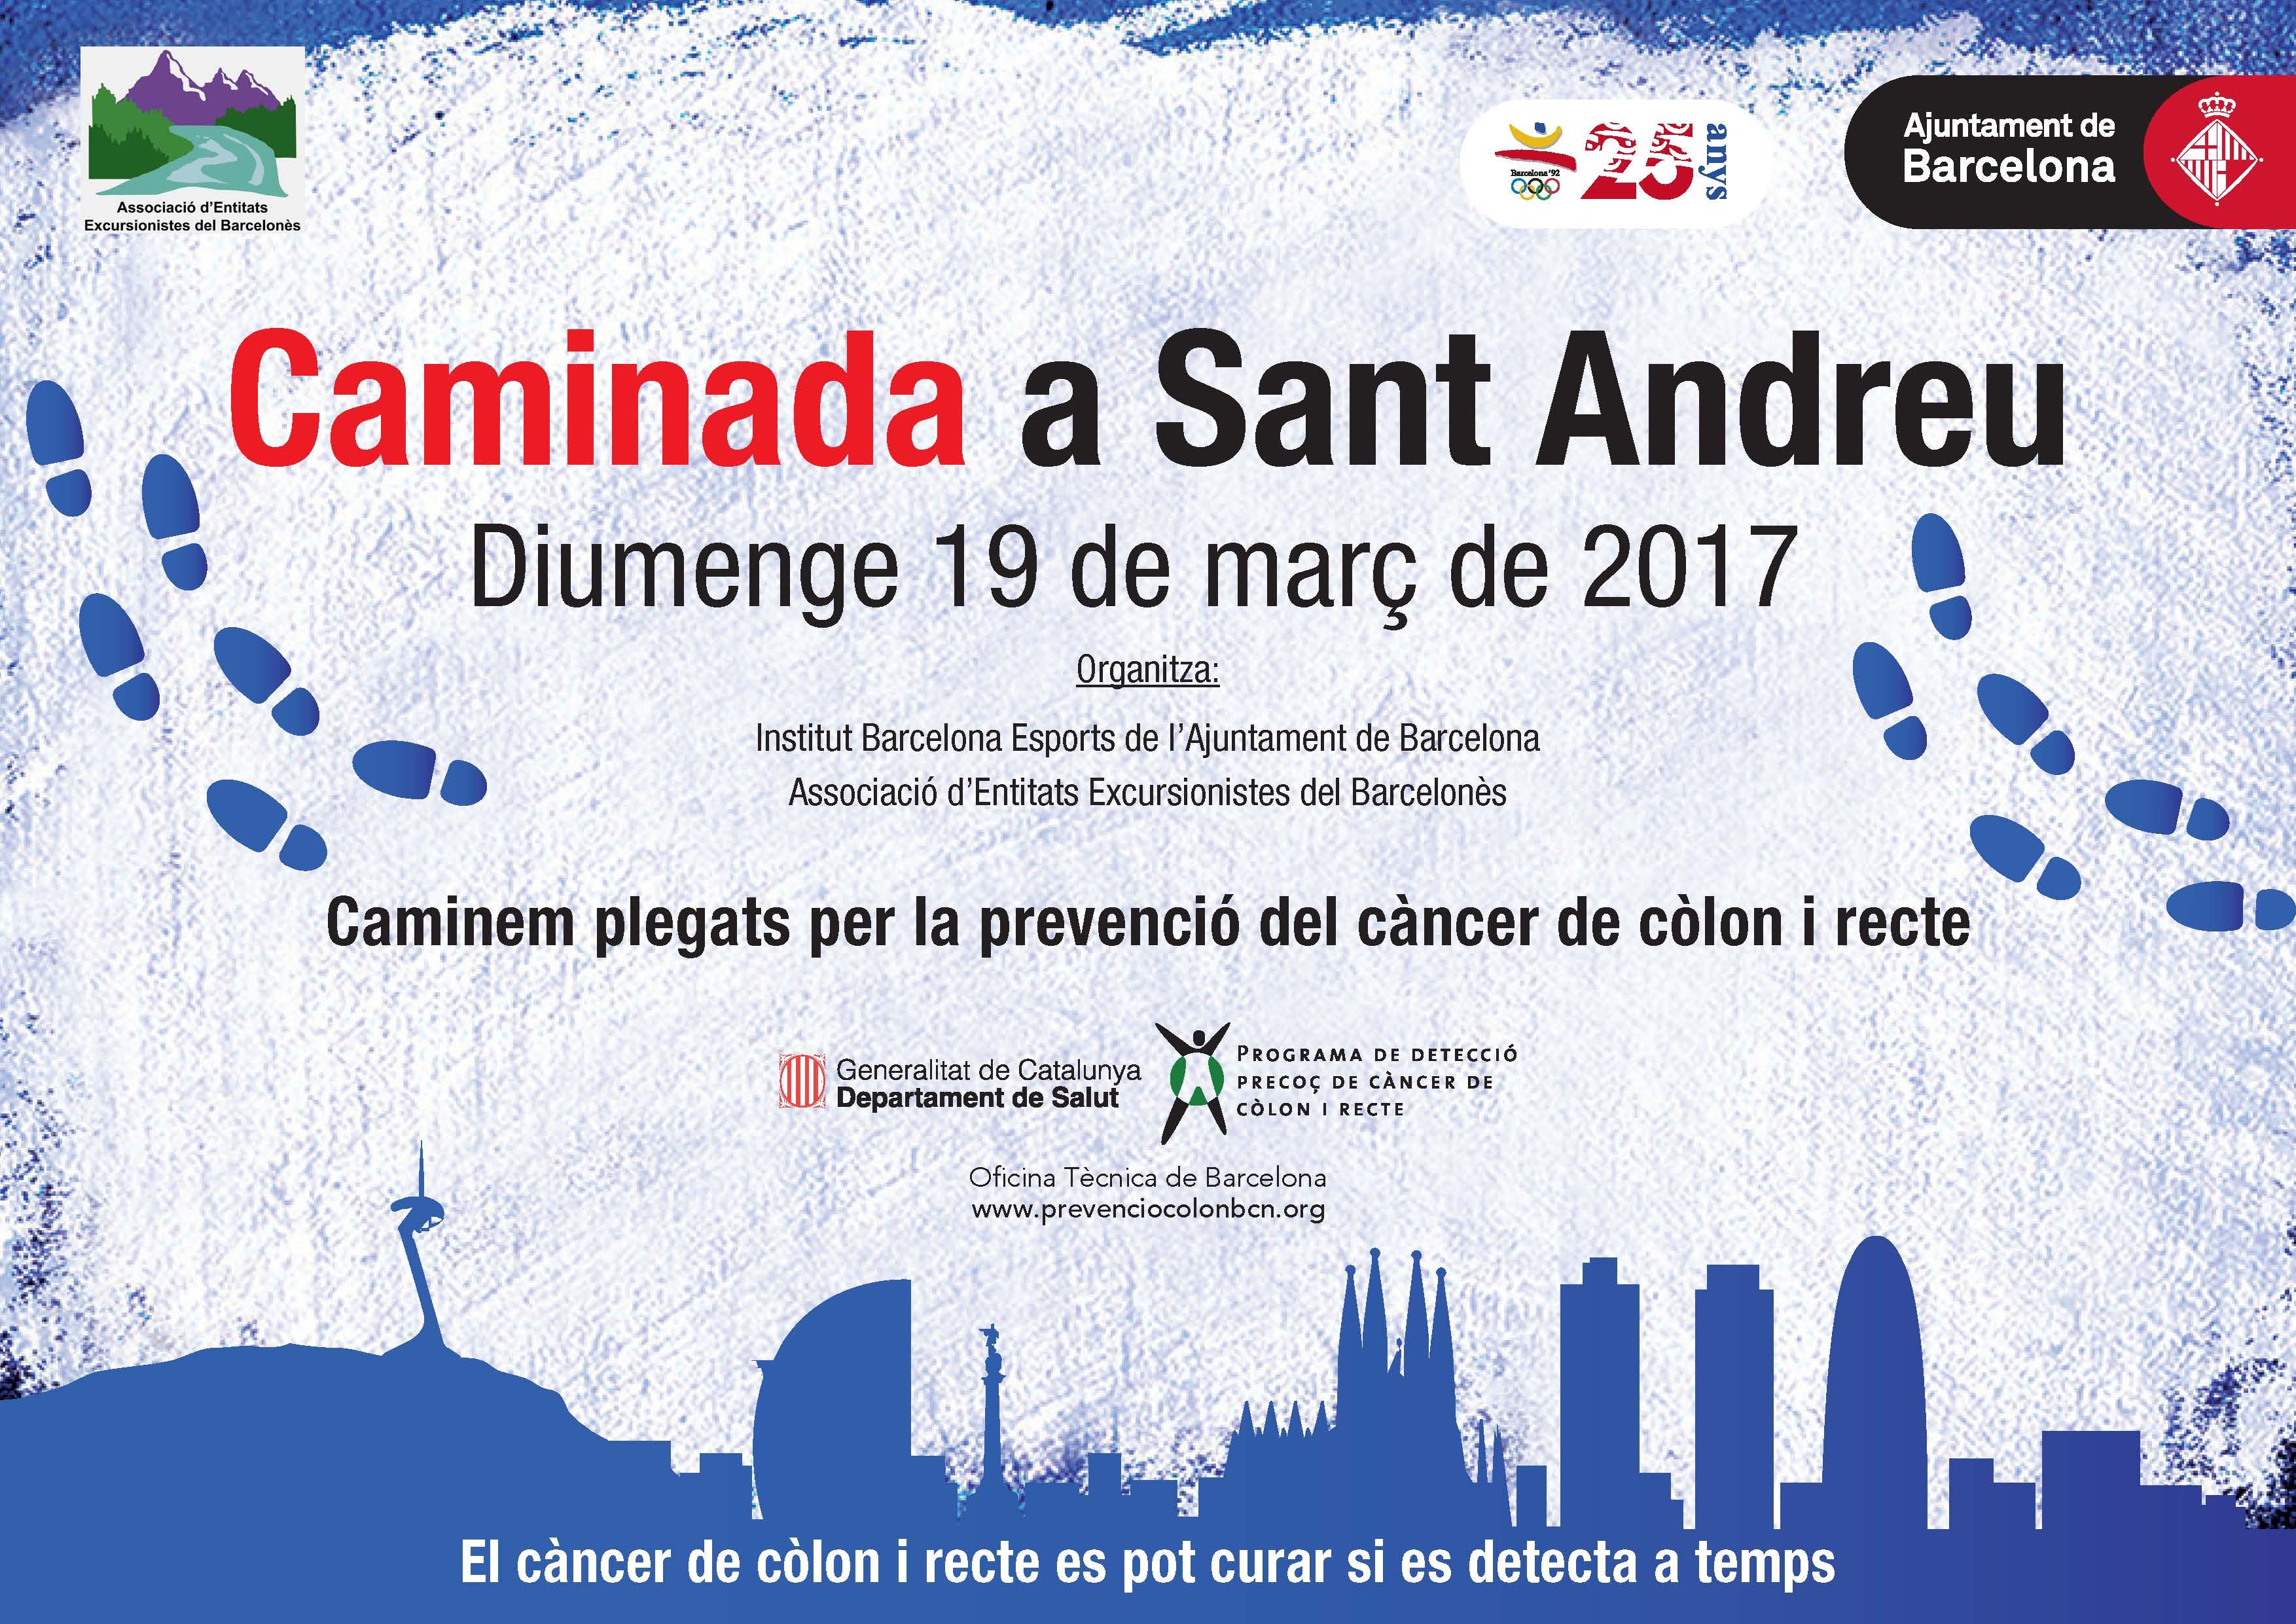 Caminada a Sant Andreu-imatge